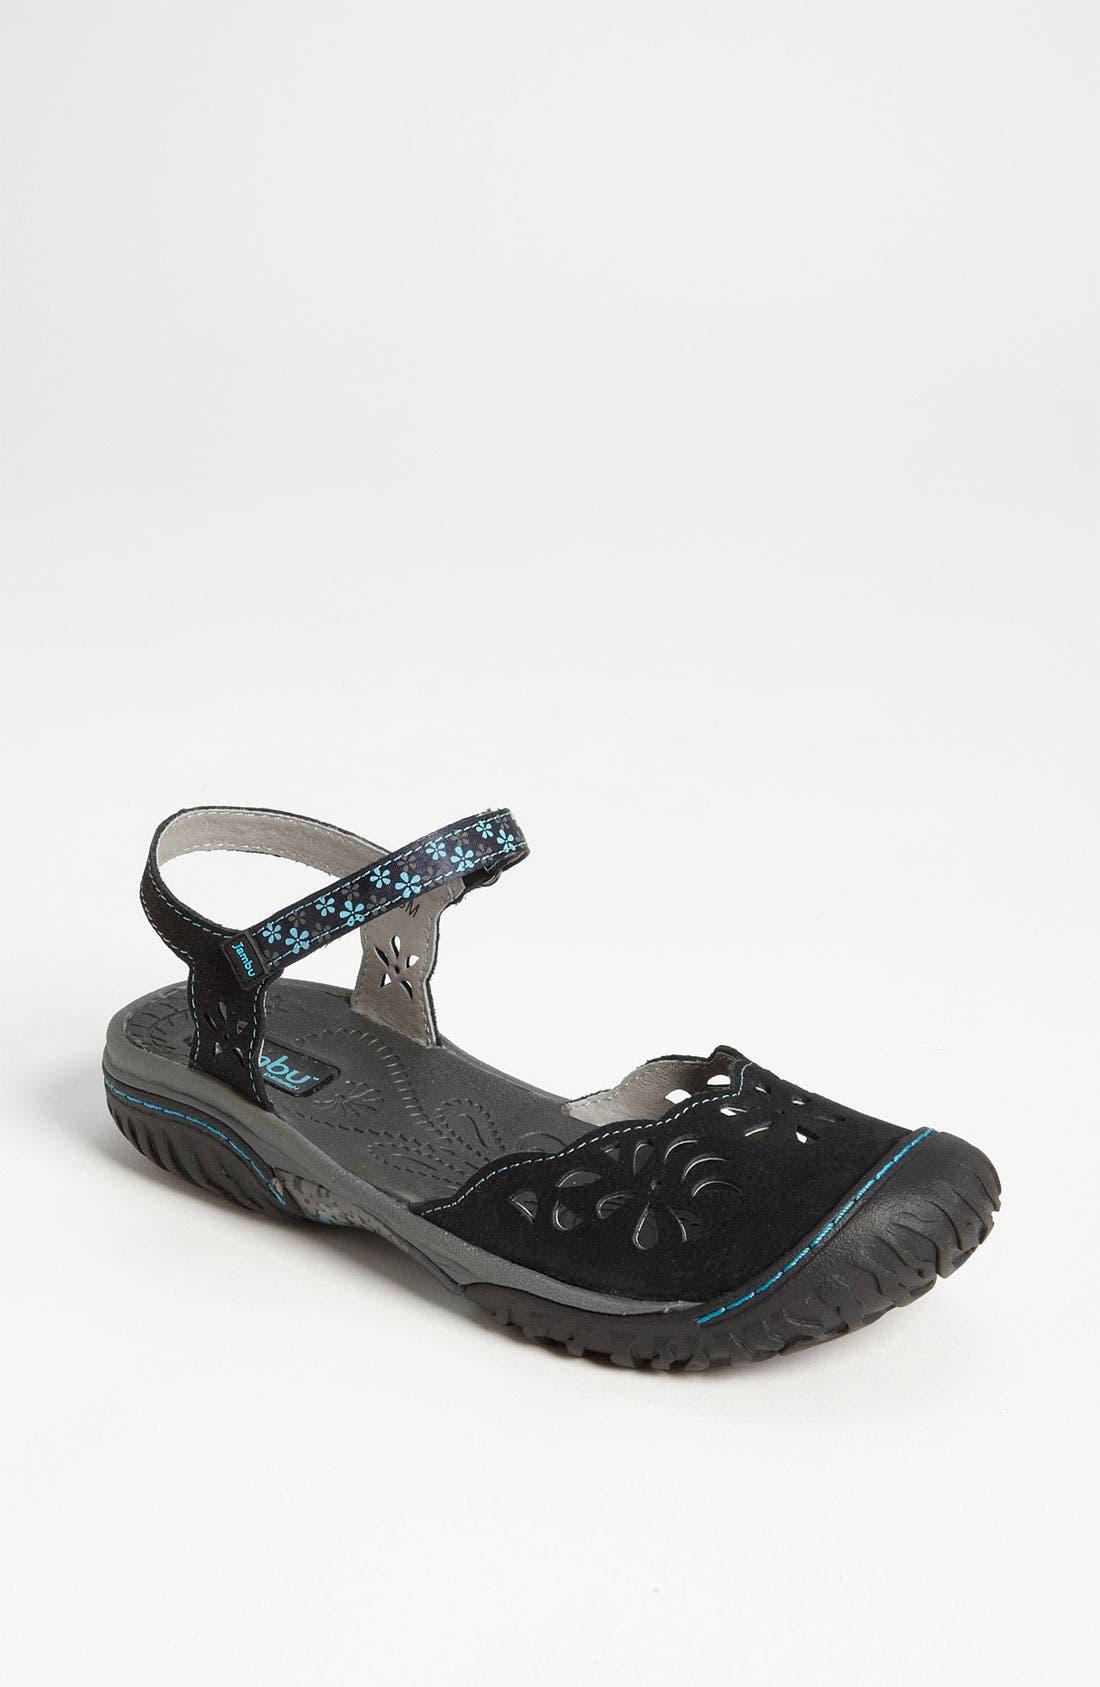 Main Image - Jambu 'Ocean' Sandal